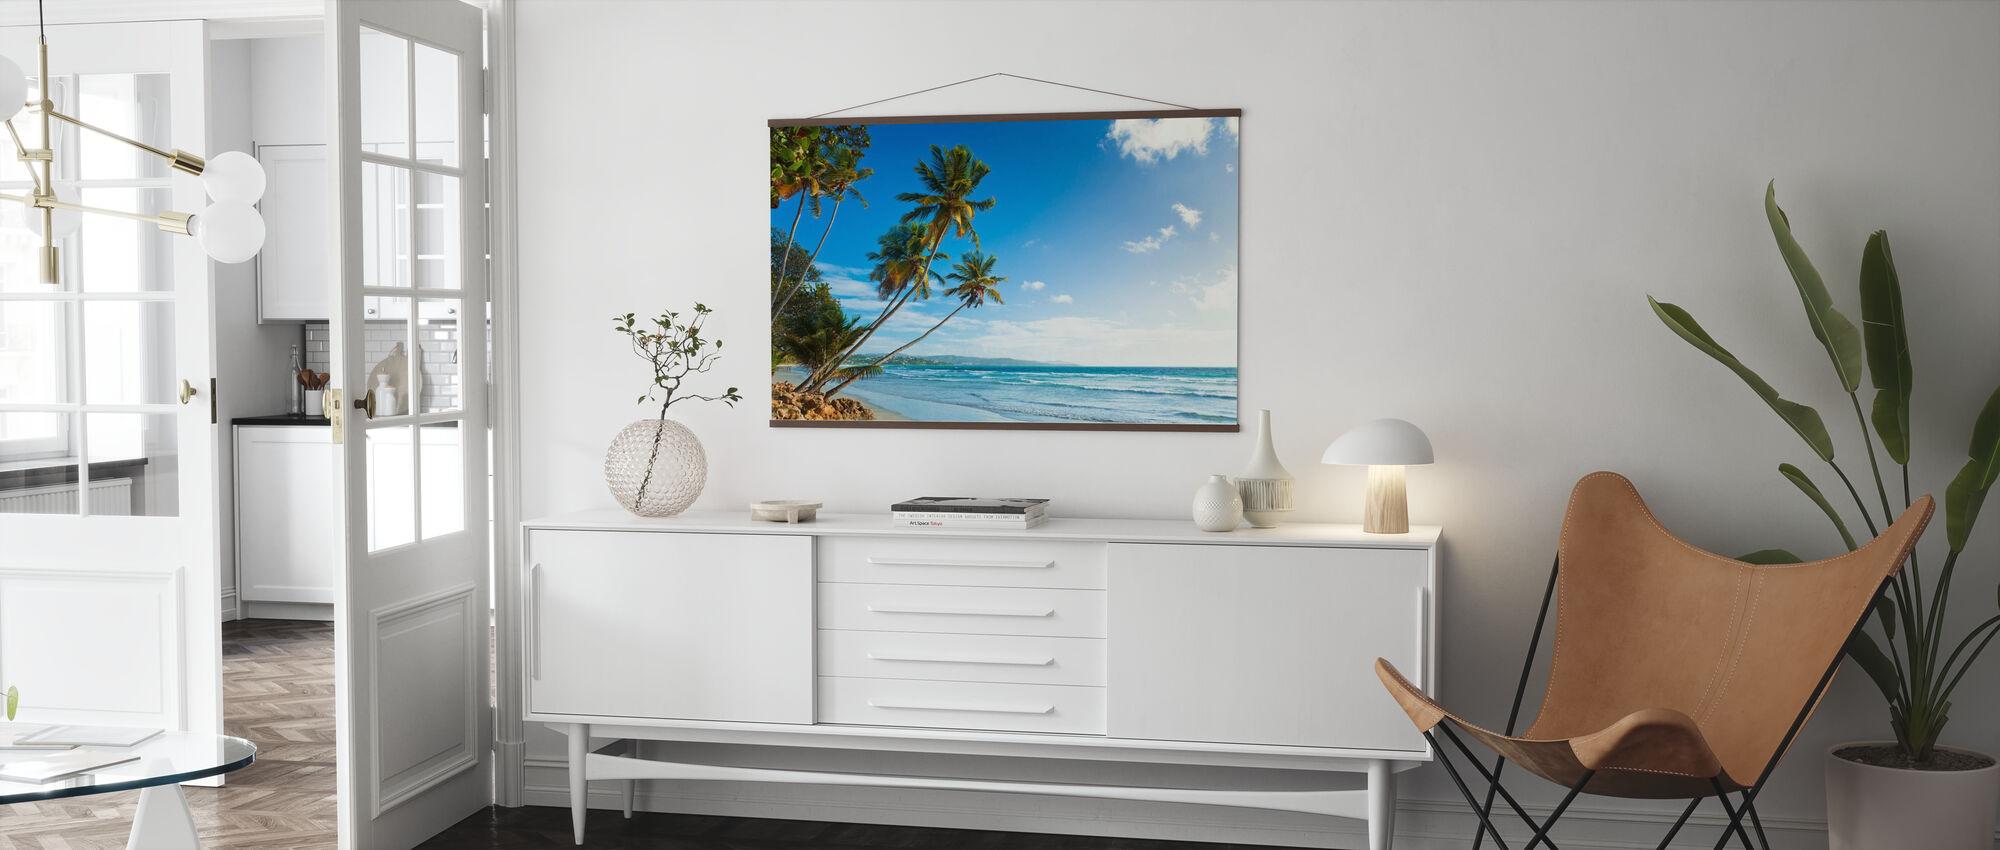 Palms and Beach, Trinidad und Tobago - Poster - Wohnzimmer